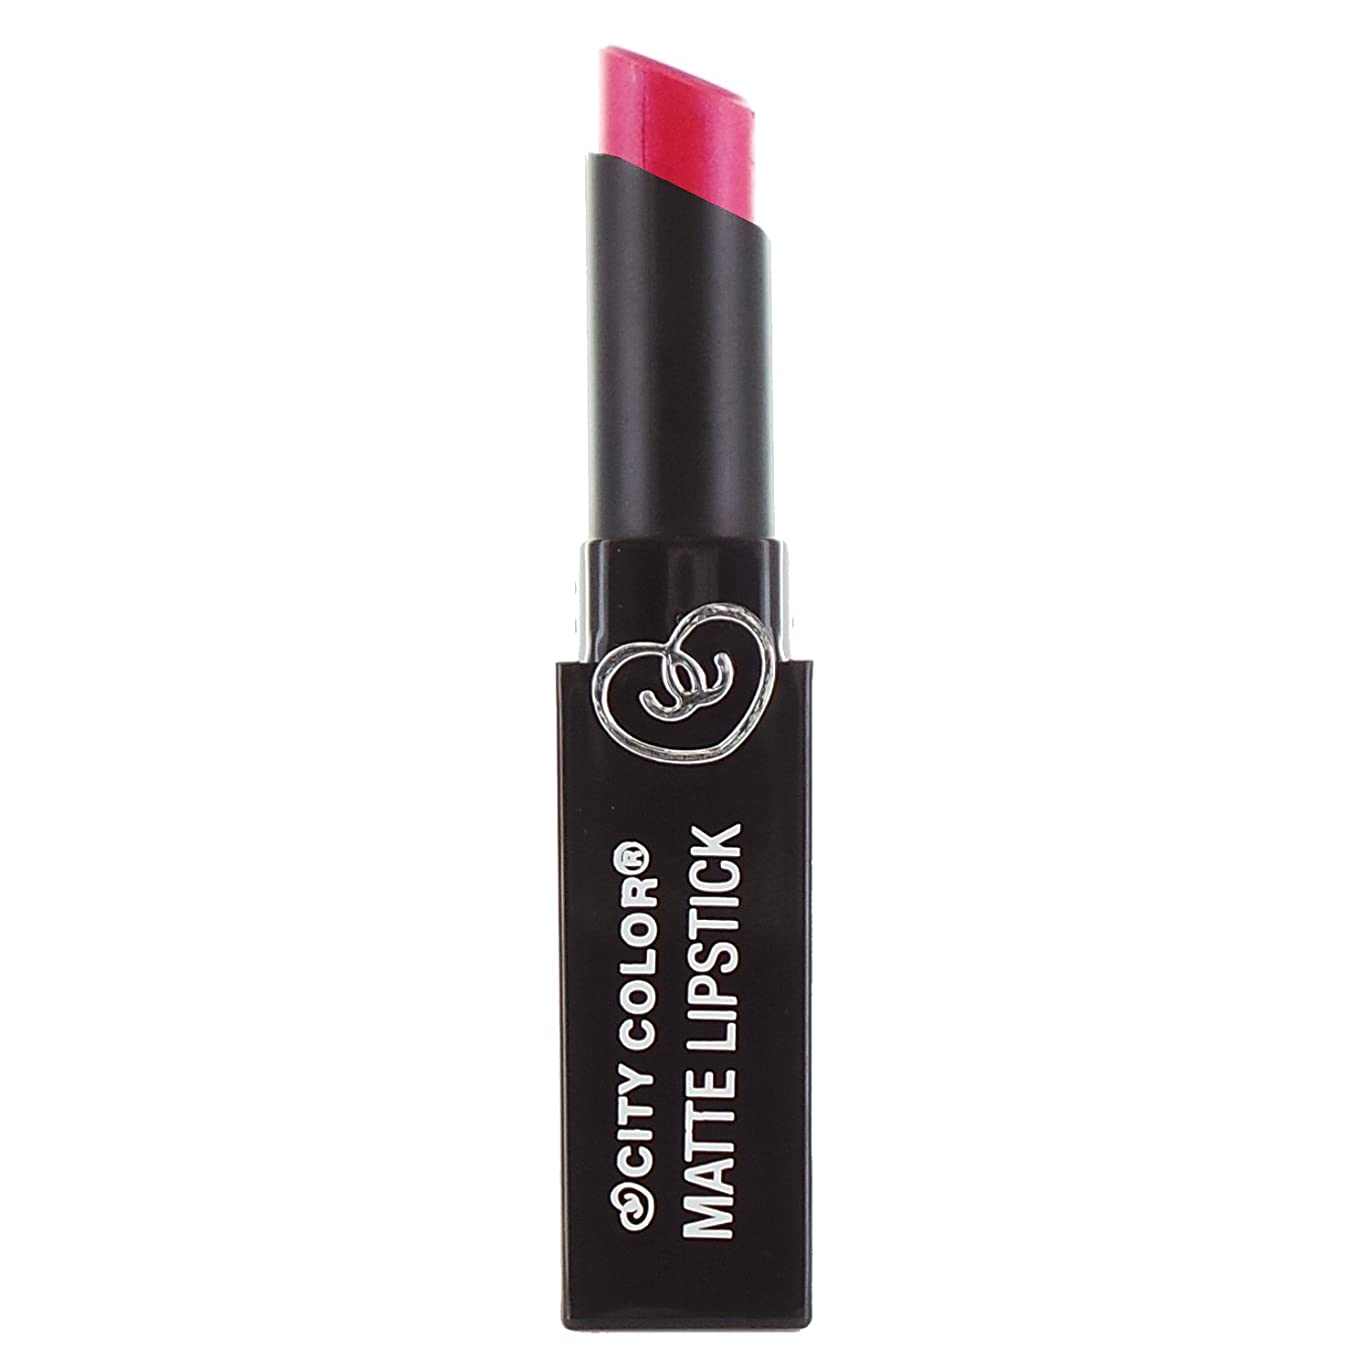 否認するきつくアドバイスCITY COLOR Matte Lipstick L0050C - Shimmer Pink (並行輸入品)